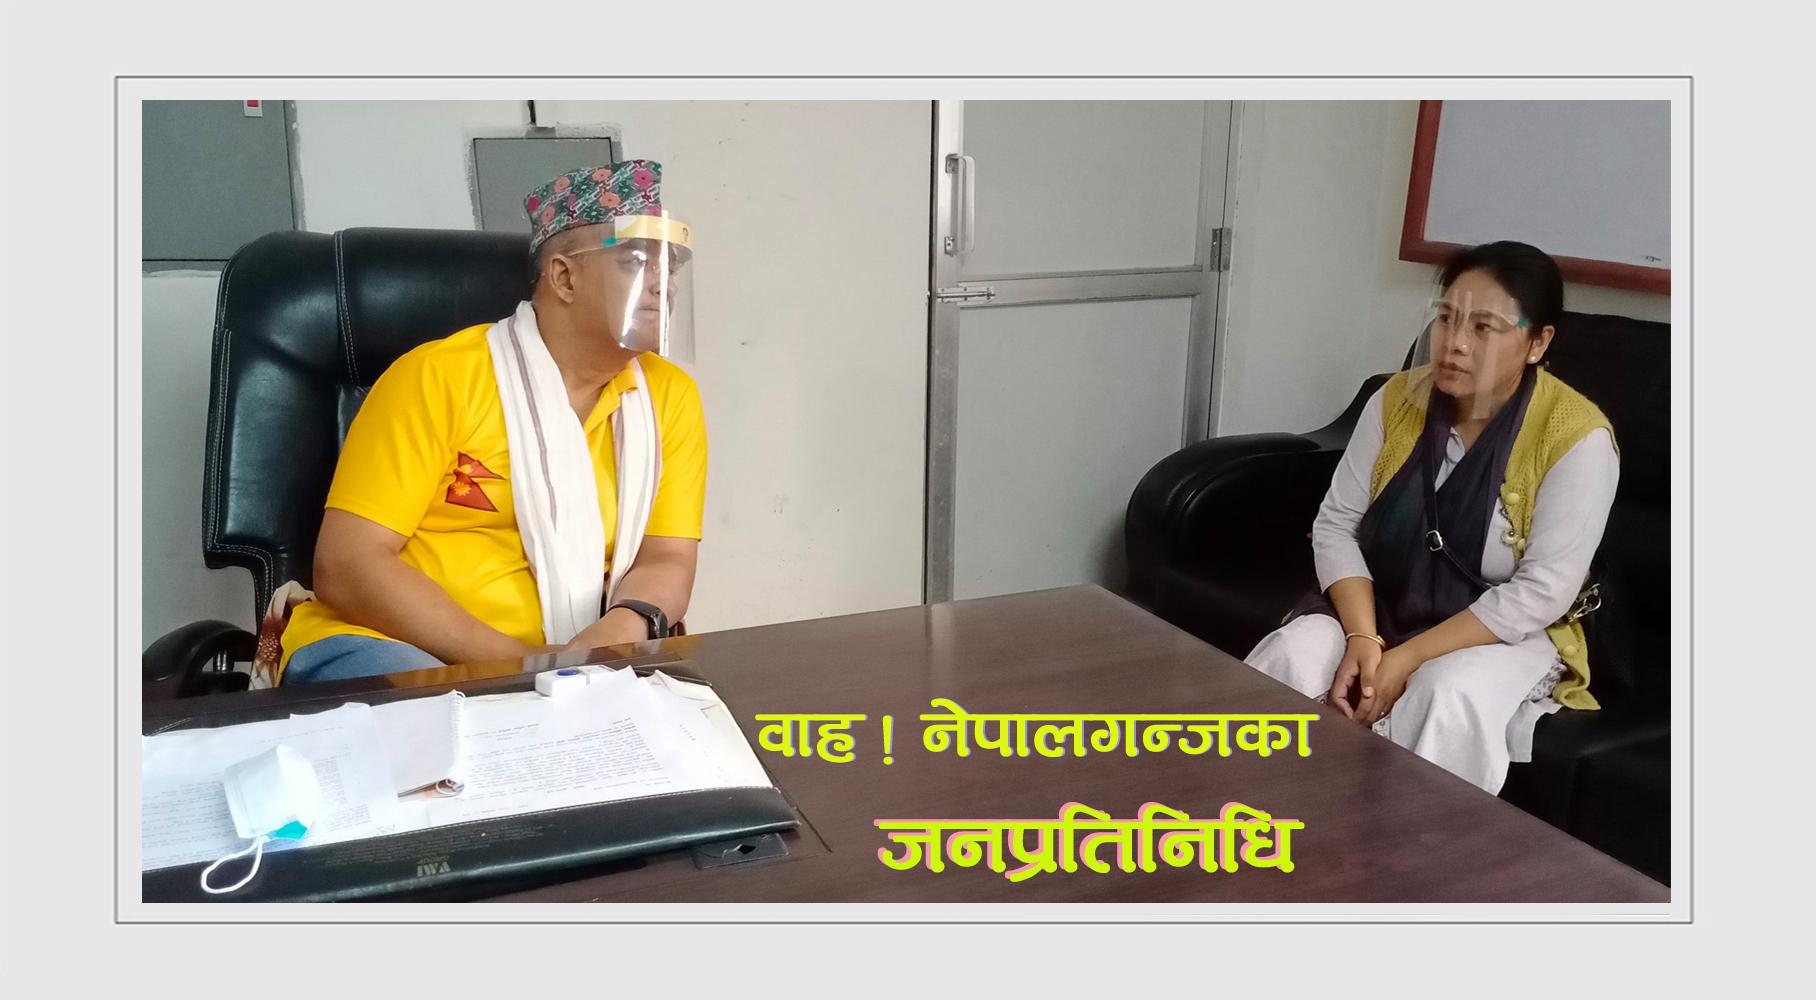 वाह ! नेपालगन्जका जनप्रतिनिधि : अक्सिजन सिलिण्डर खोज्दै 'मेयर धवल'